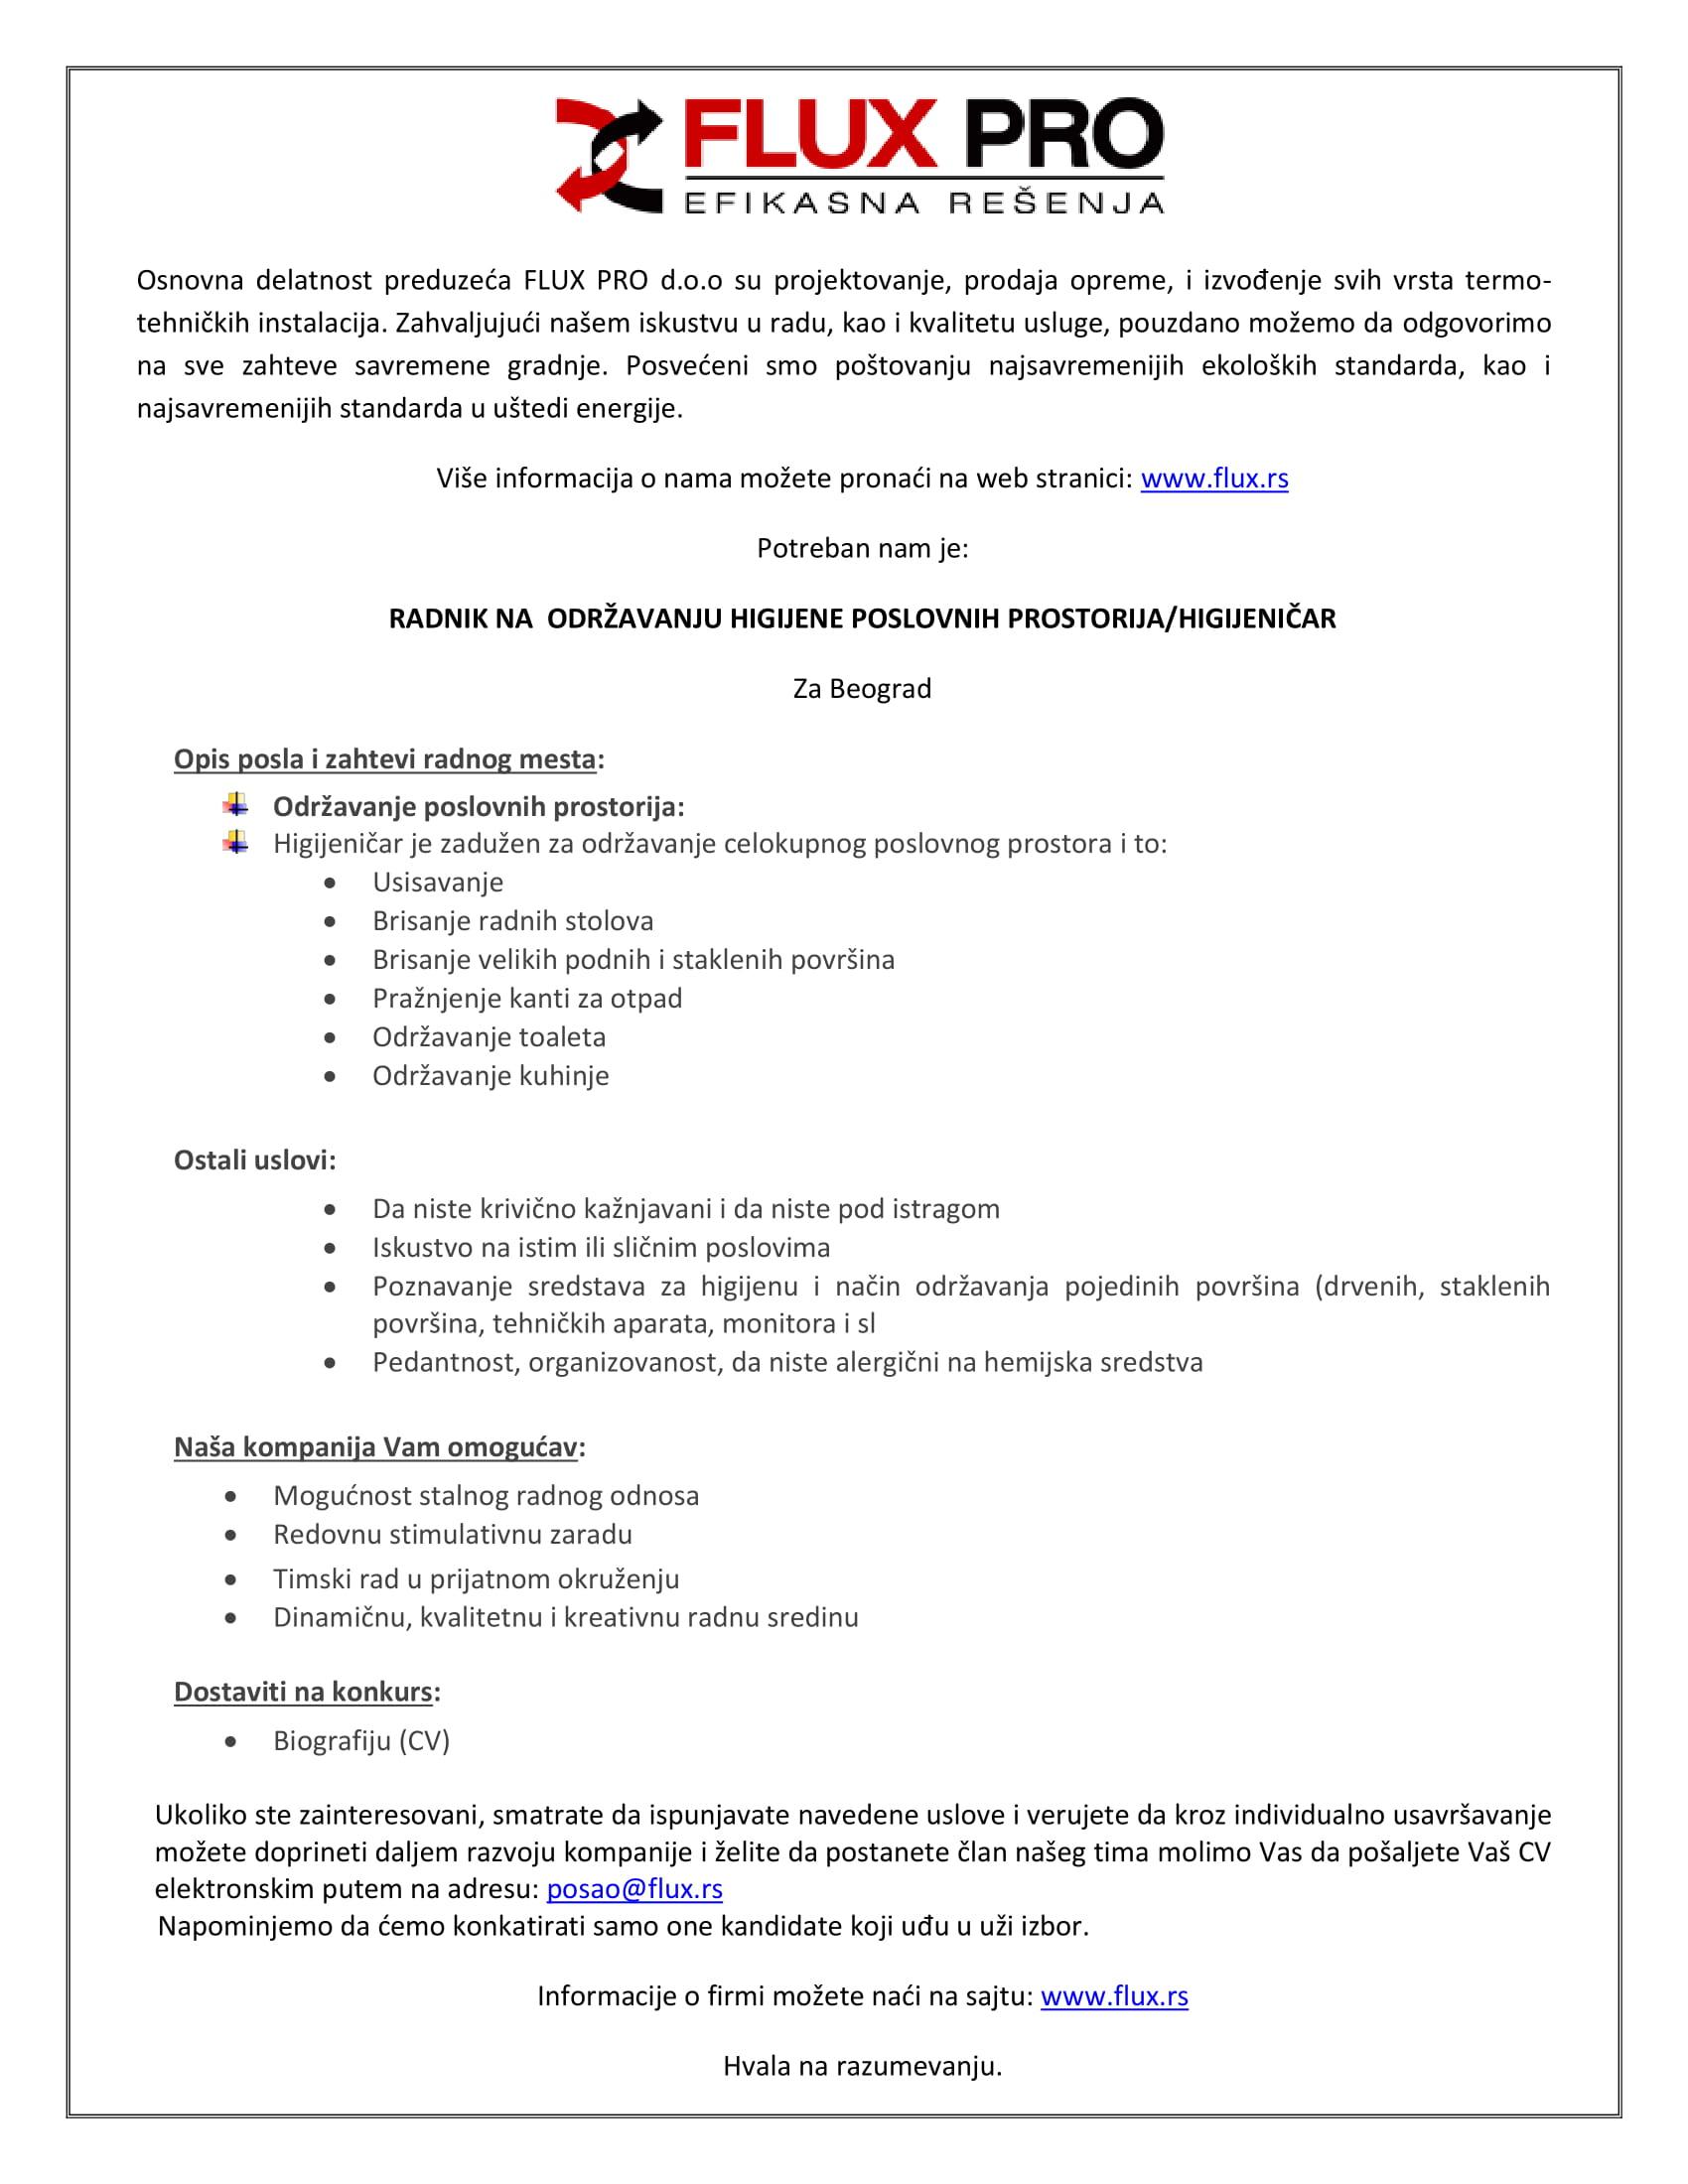 Radnik na održavanju higijene poslovnih prostorija / Higijeničar (m/ž)